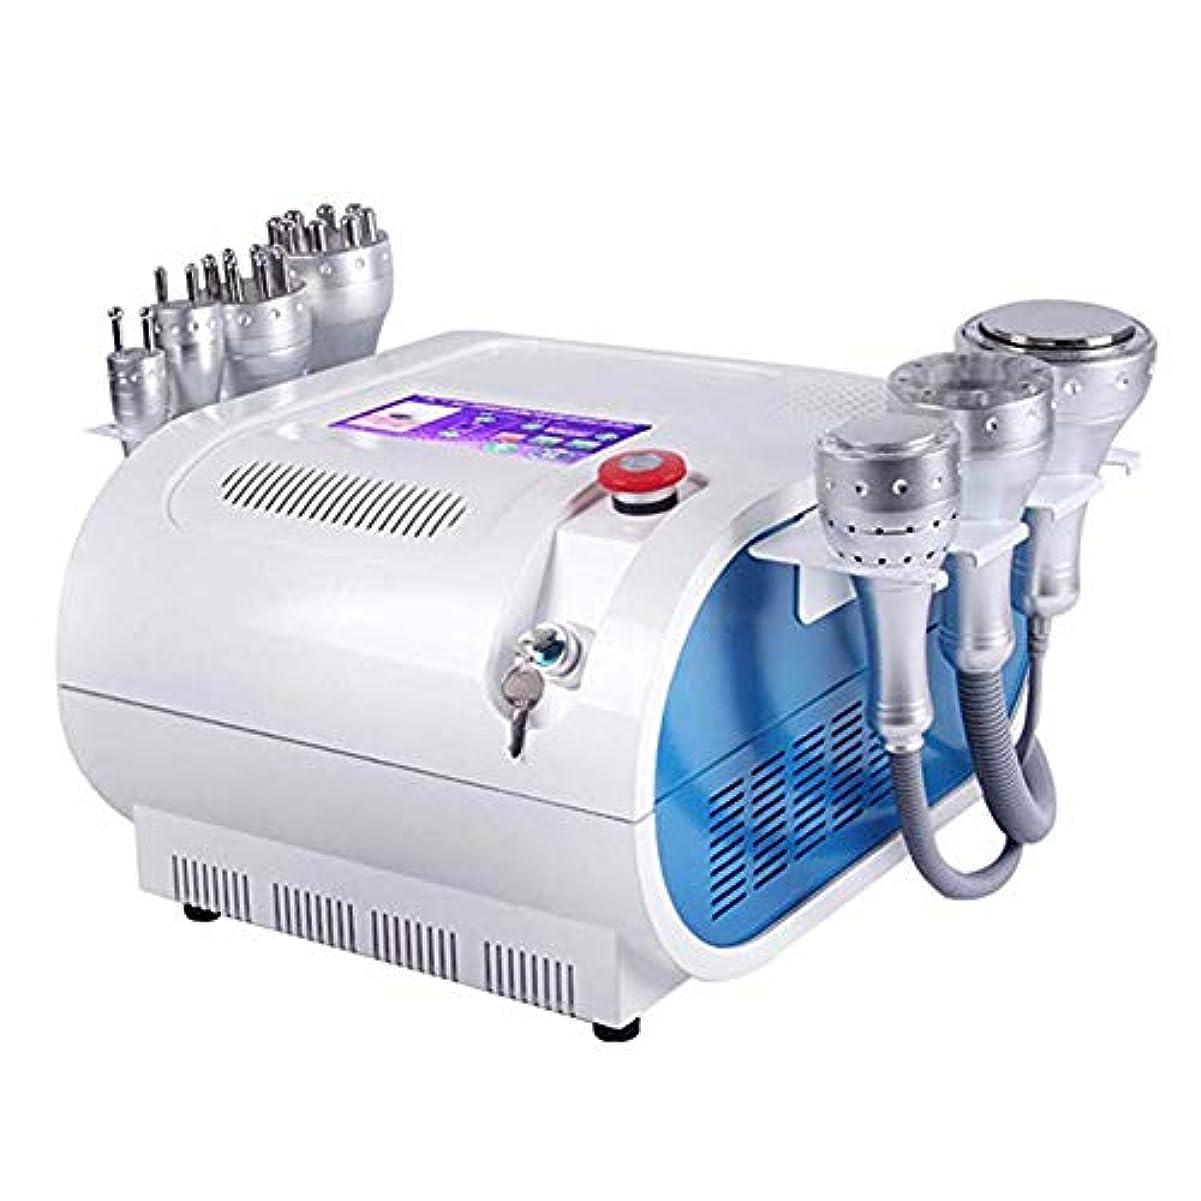 たくさん水素乱雑な5で1脂肪除去機、キャビテーション40 k真空rf脂肪燃焼冷却真空システム減量ボディ痩身マシン美容マッサージシステム